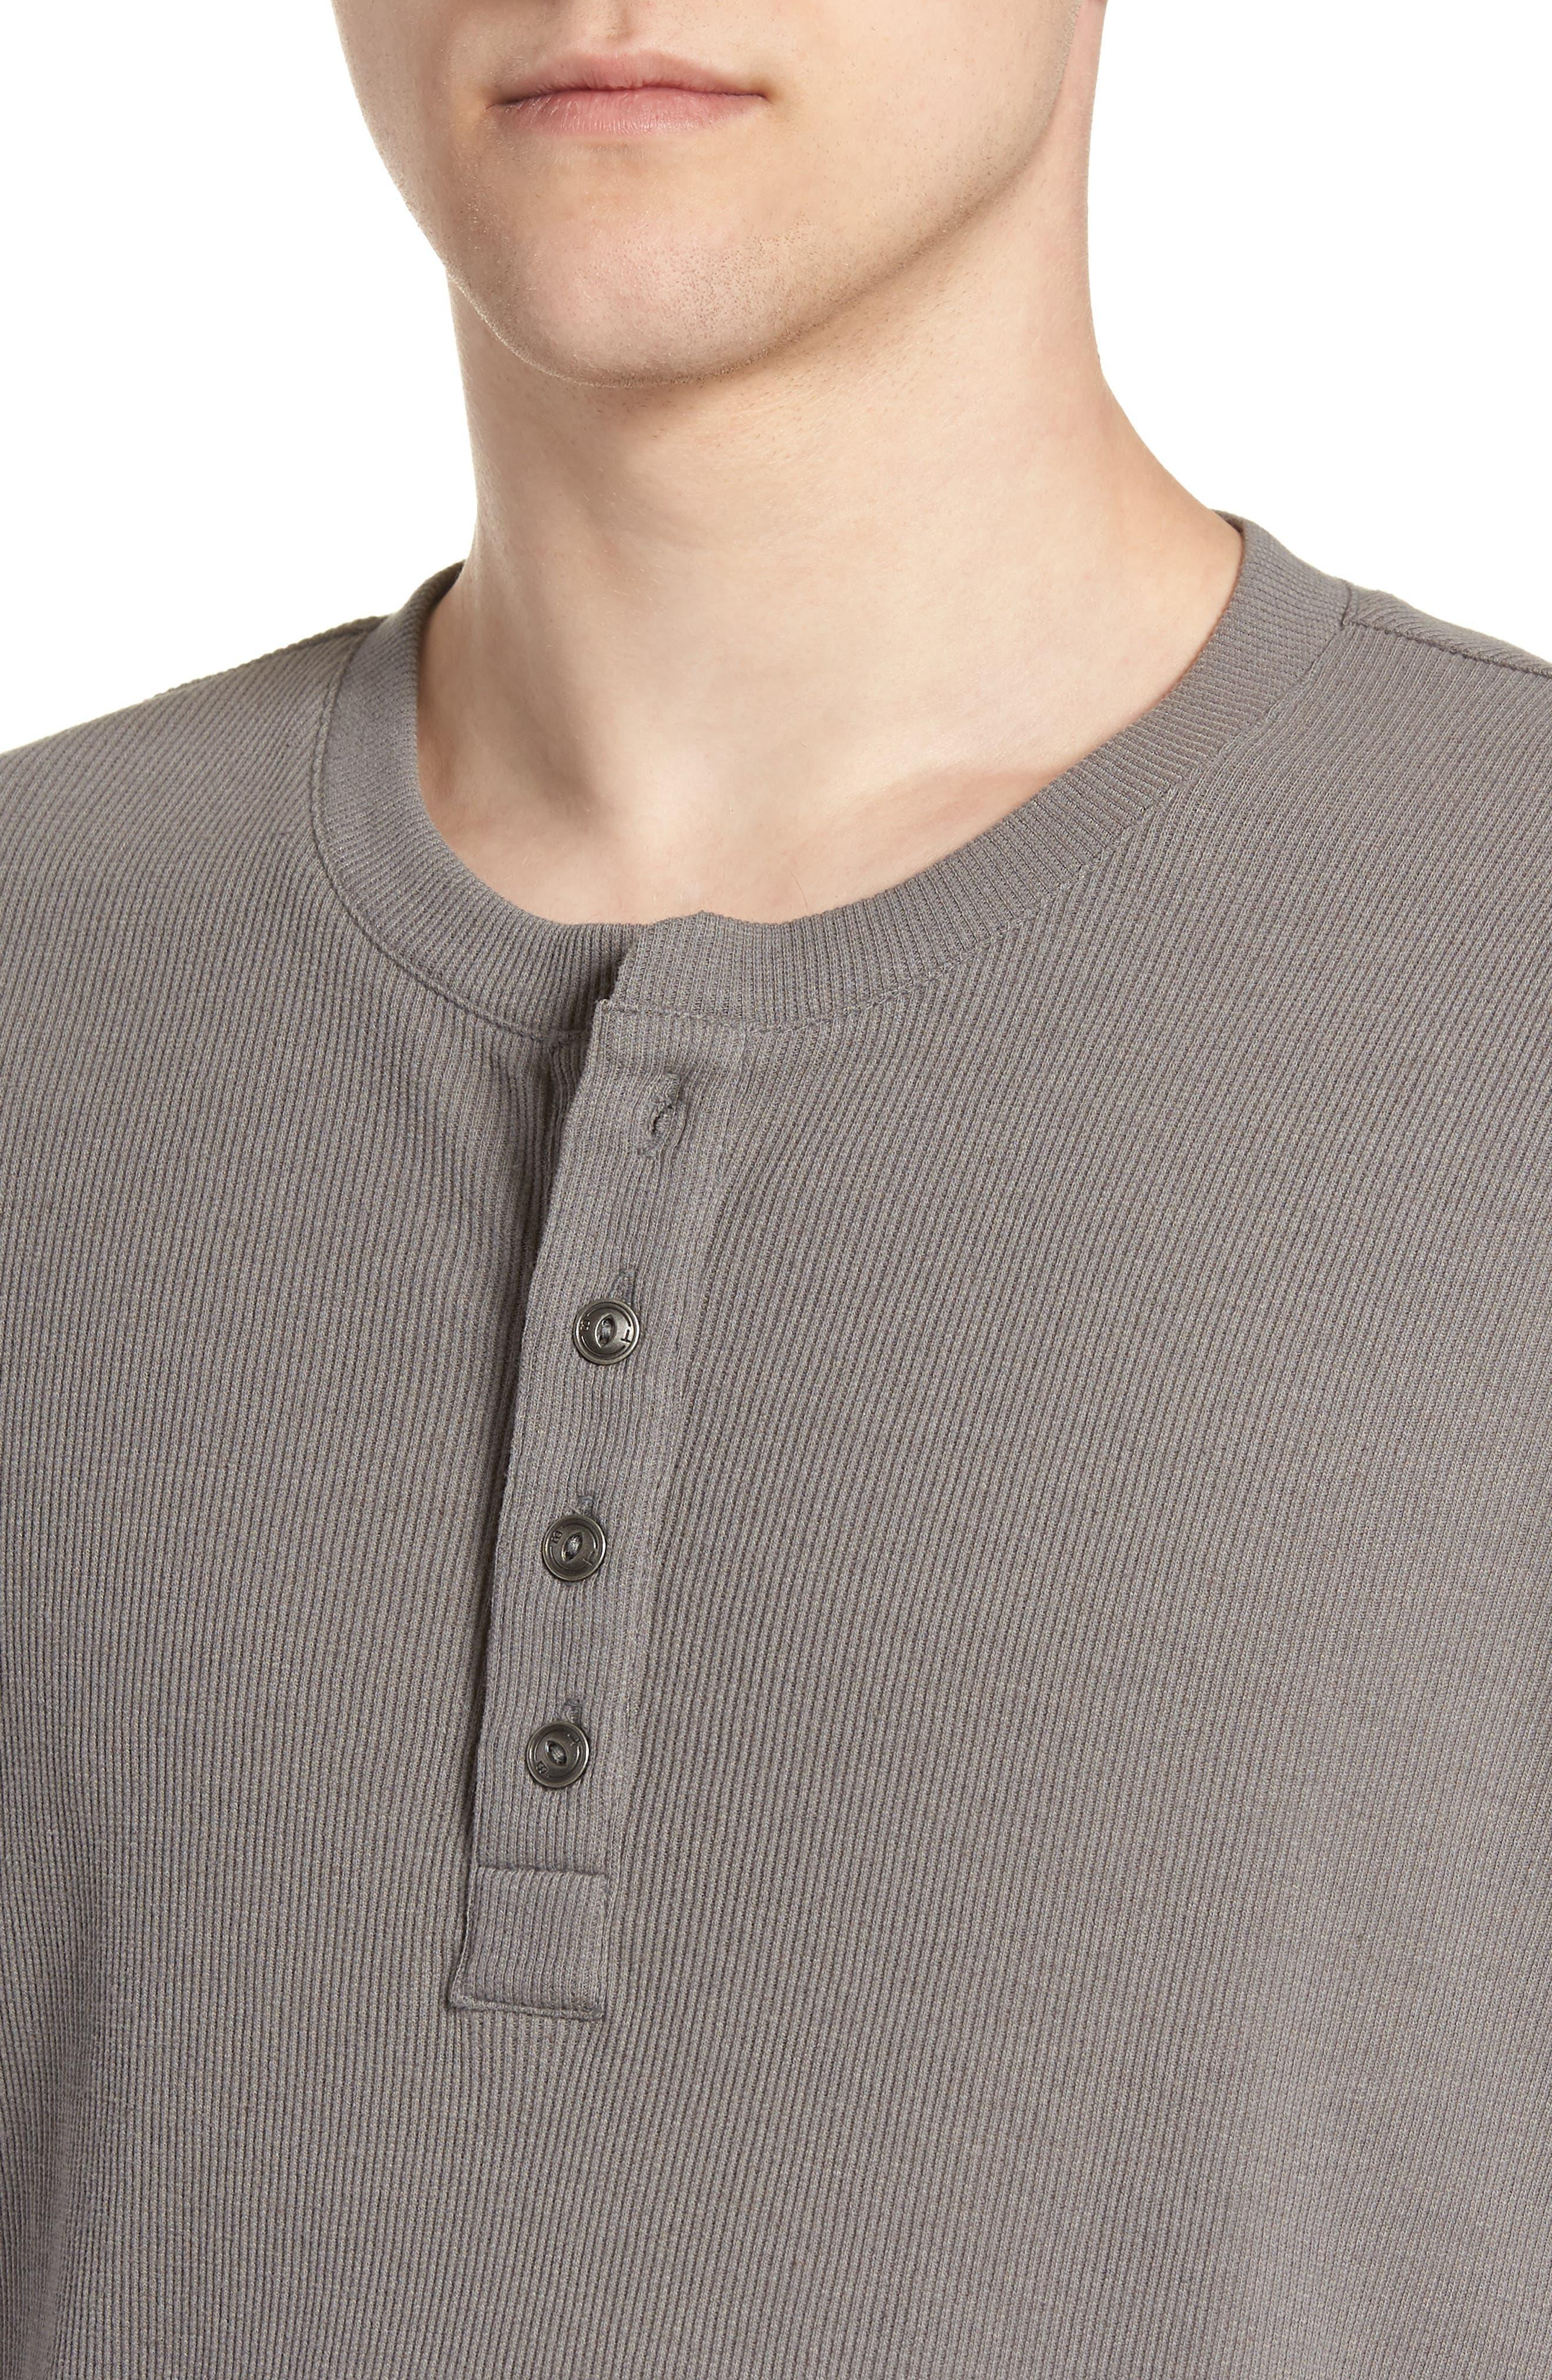 Ribbed Henley T-Shirt,                             Alternate thumbnail 3, color,                             Grey Shade